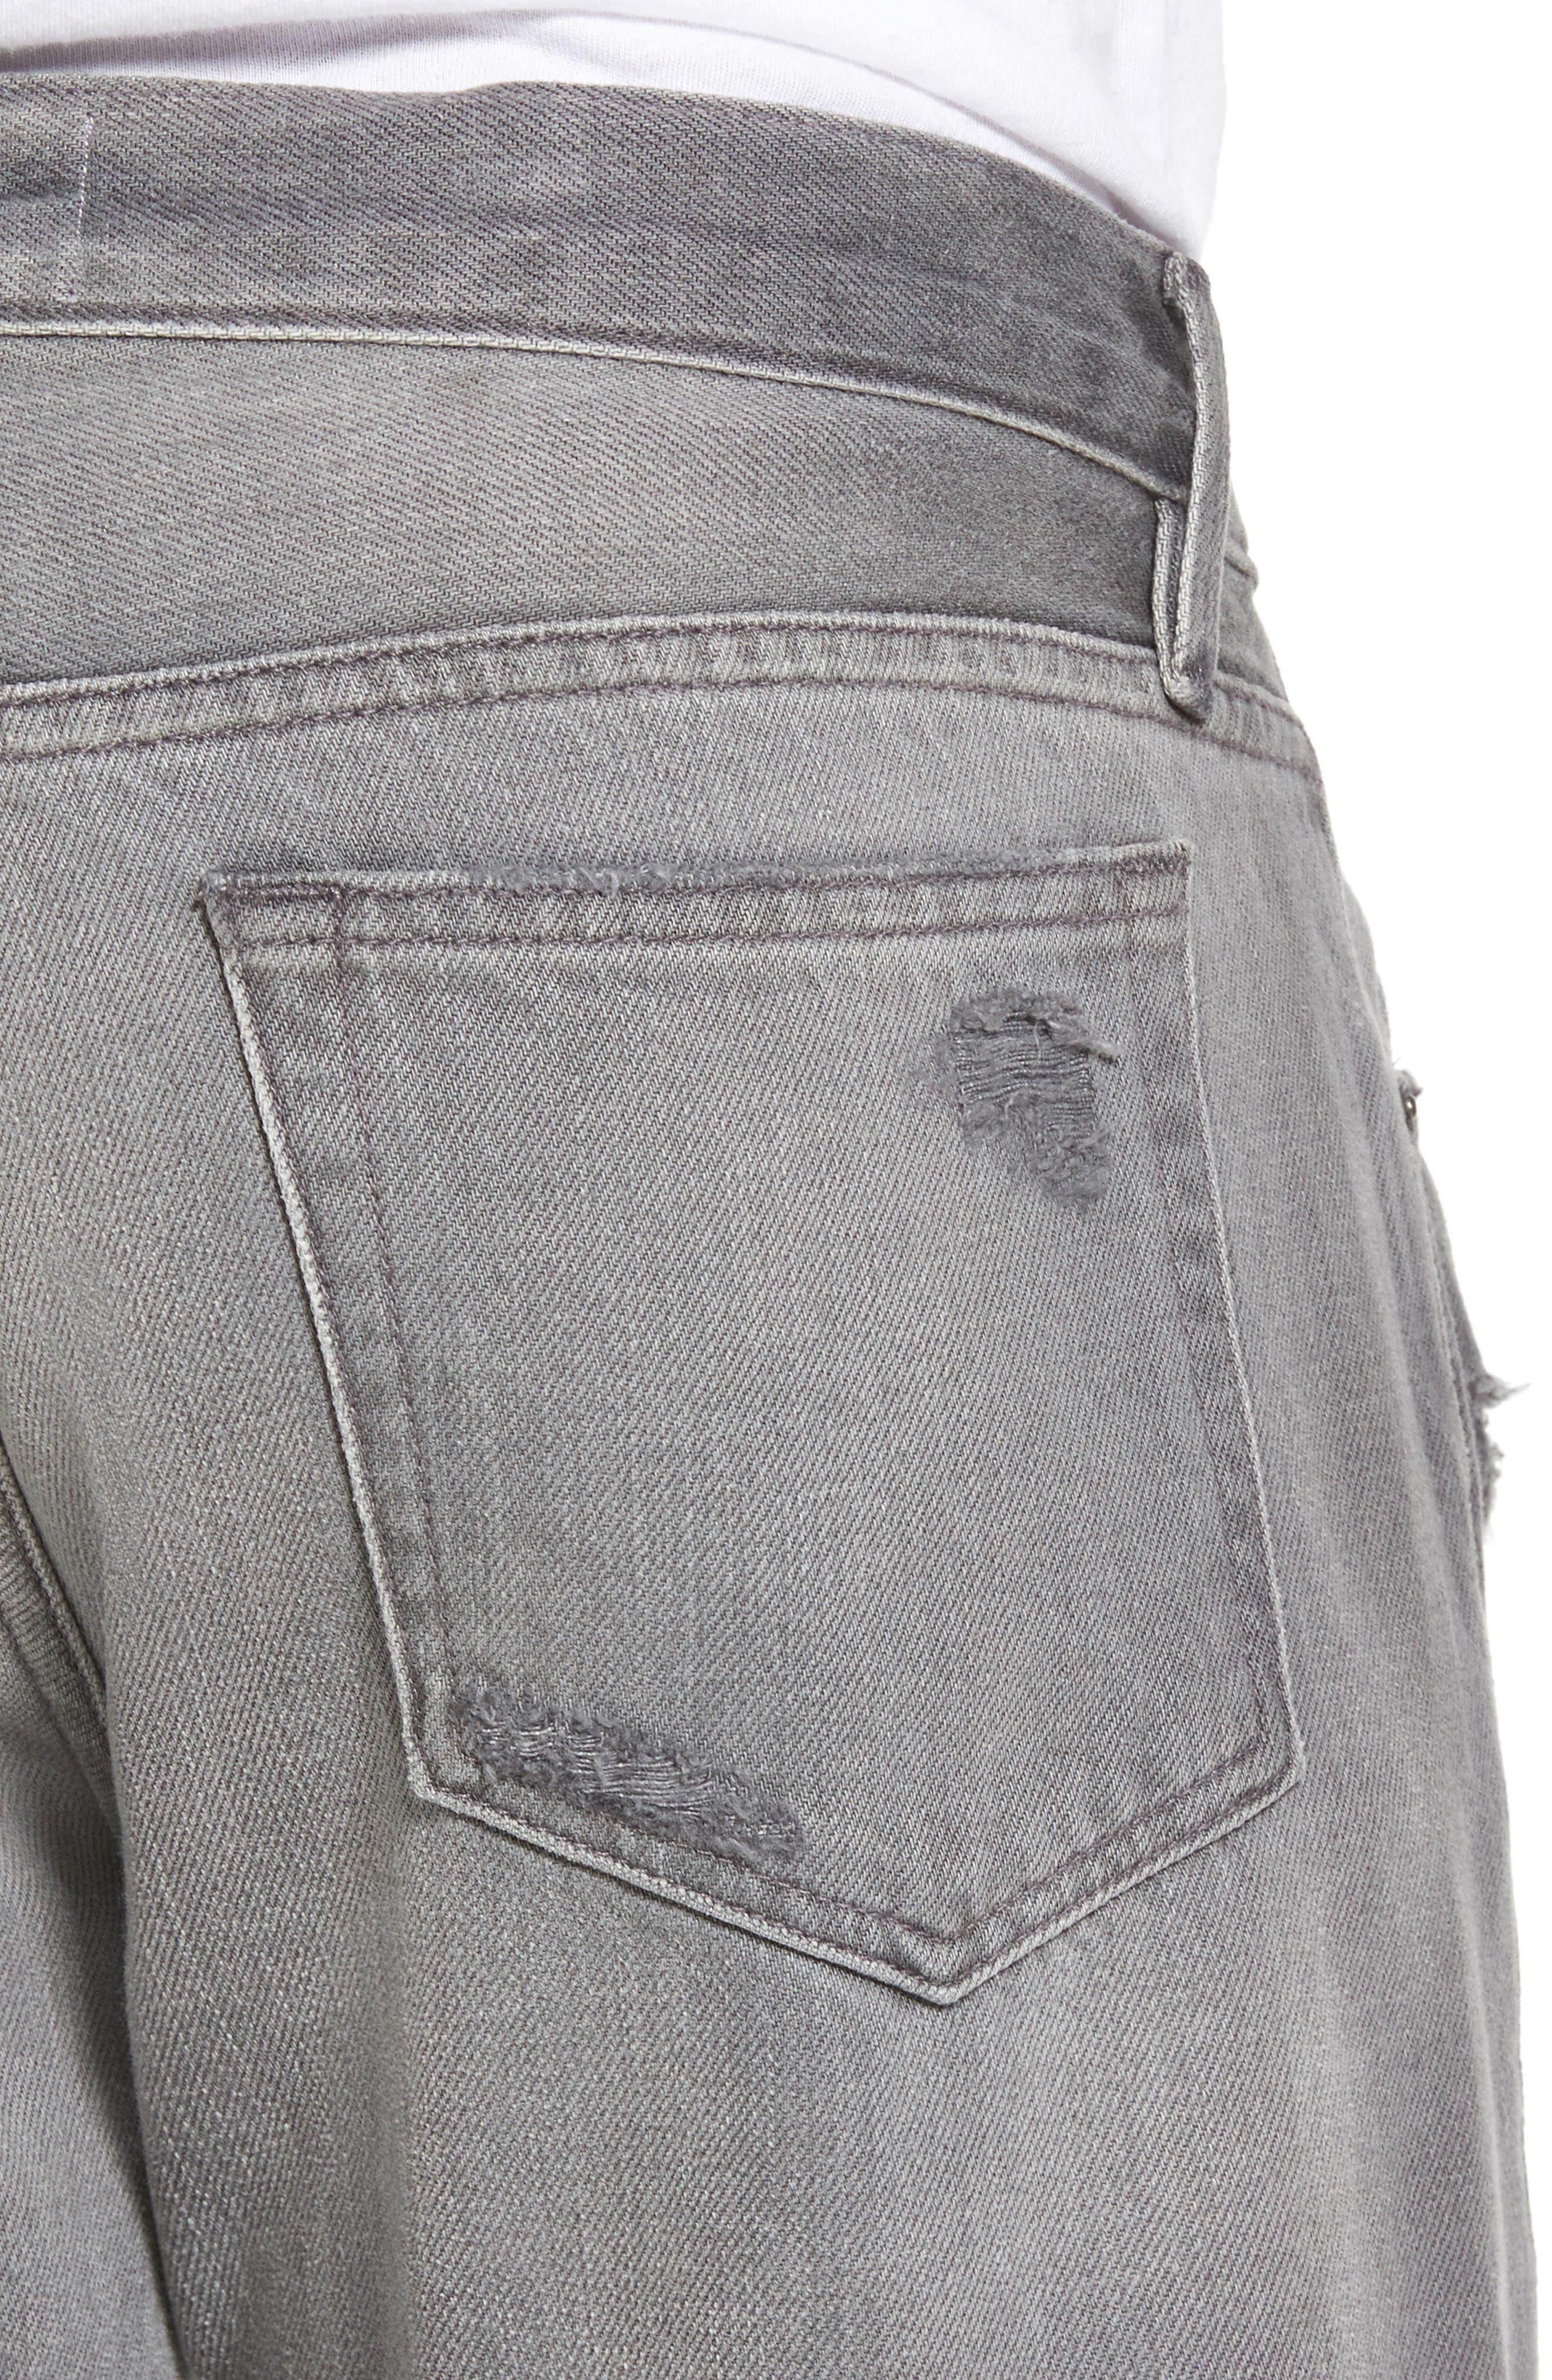 L'Homme Slim Fit Jeans,                             Alternate thumbnail 4, color,                             Grey Fox